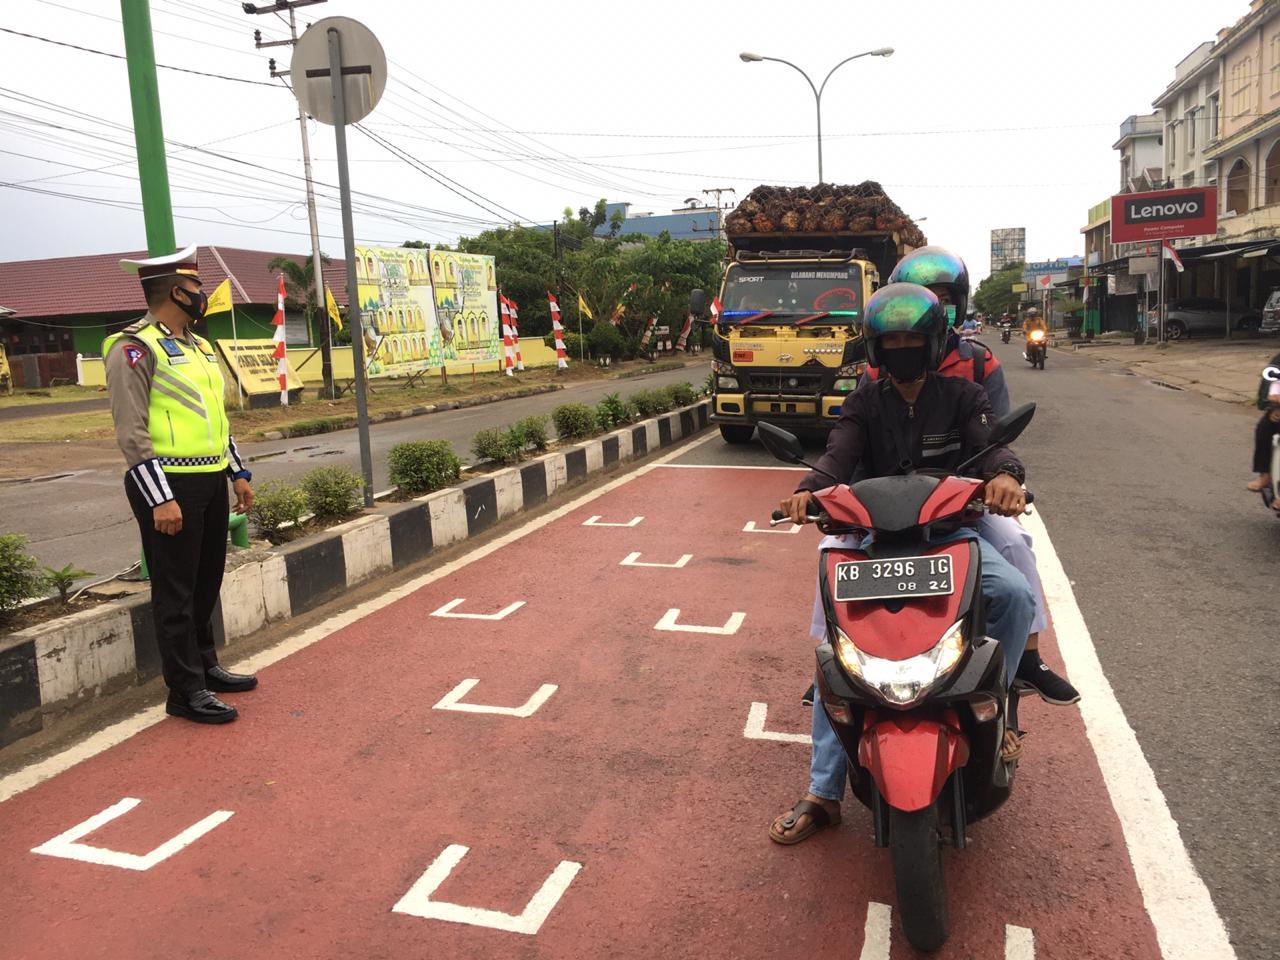 Cegah Covid-19 Satlantas Polres Ketapang Imbau Pengendara Roda Dua Jaga Jarak di Lampu Merah